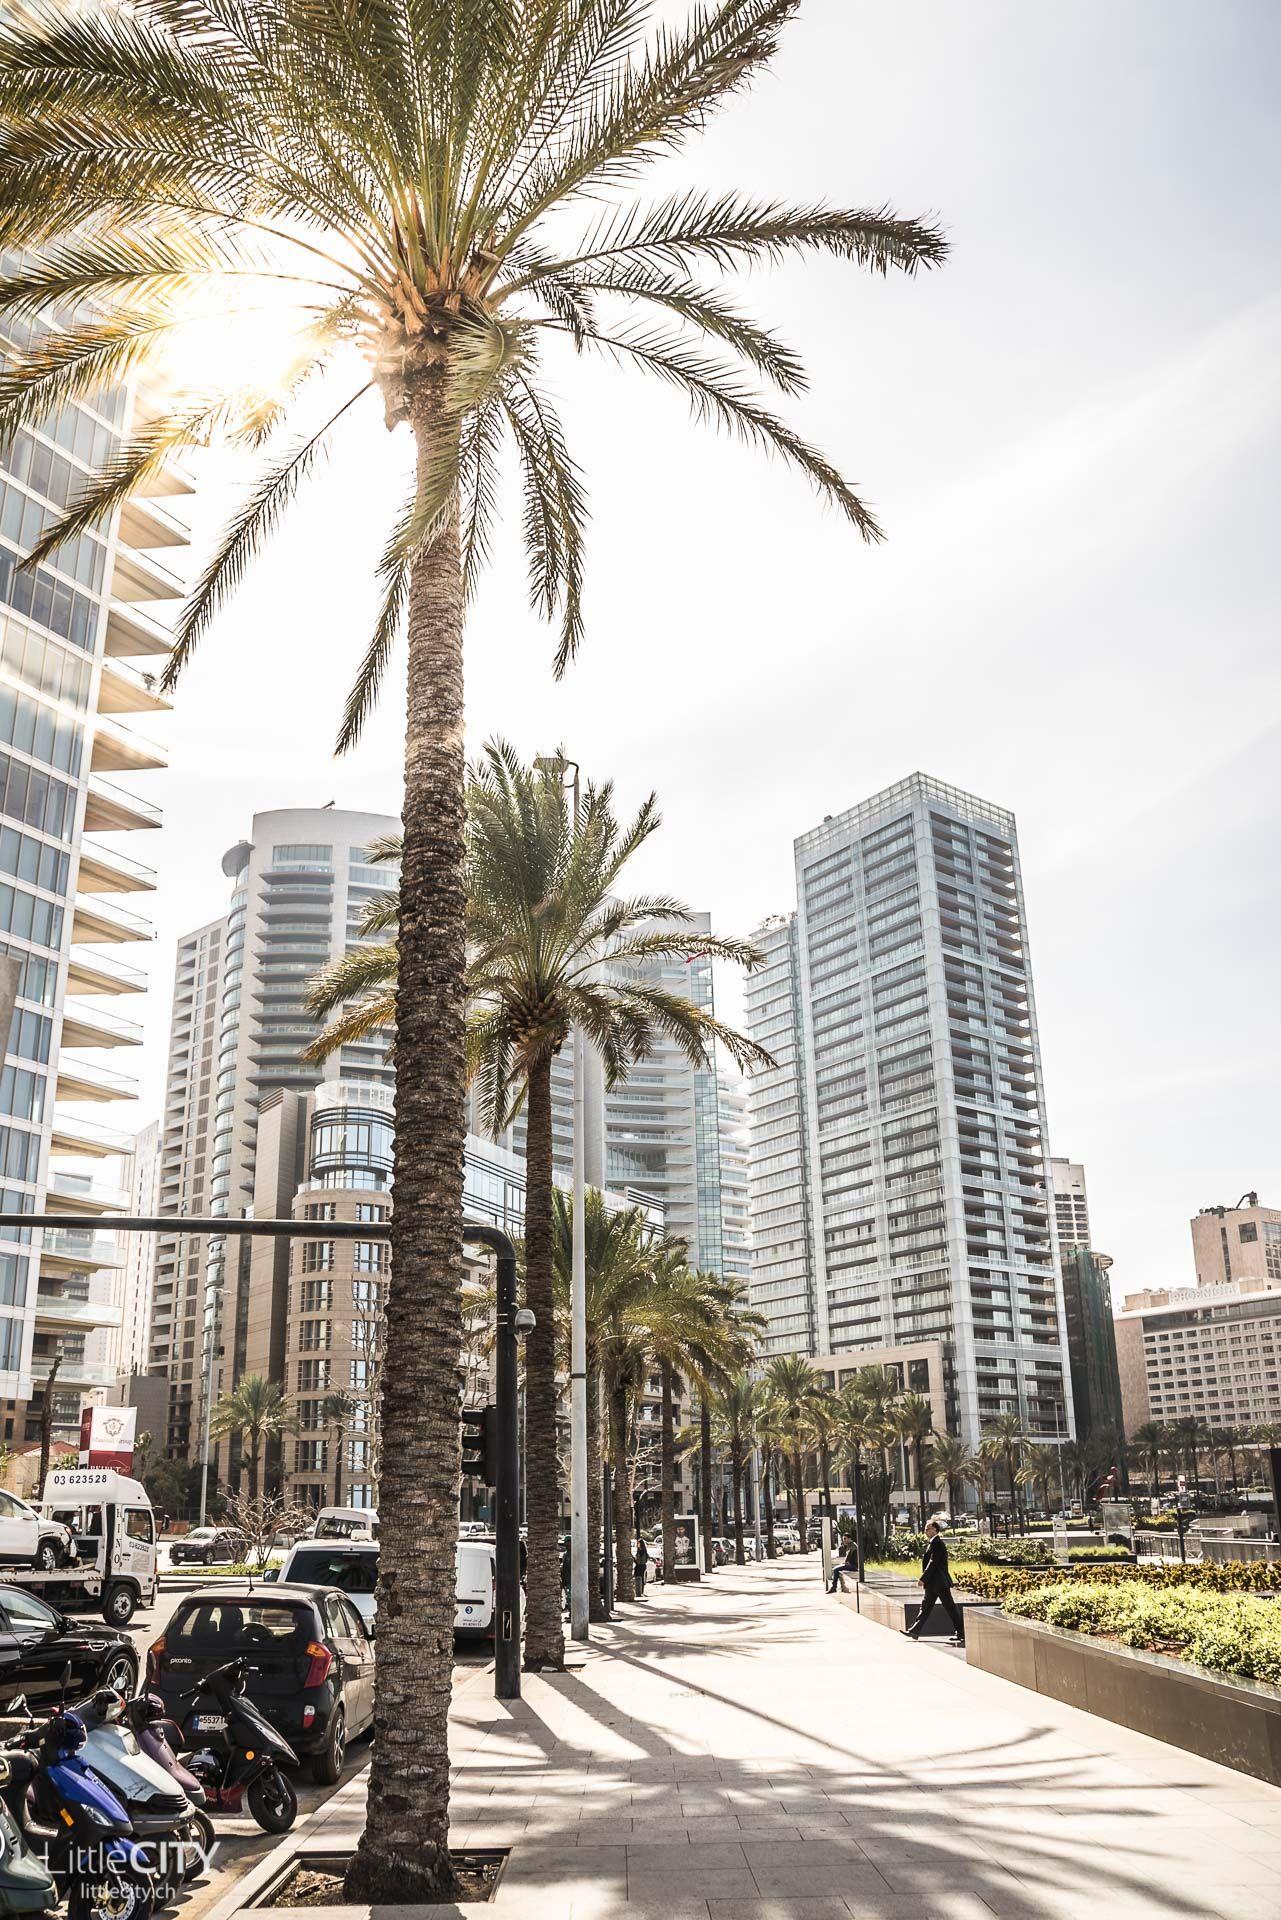 Libanon Reisebericht Top Reisetipps Von Beirut Uber Byblos Bis Baalbeck Beirut Libanon Reisen